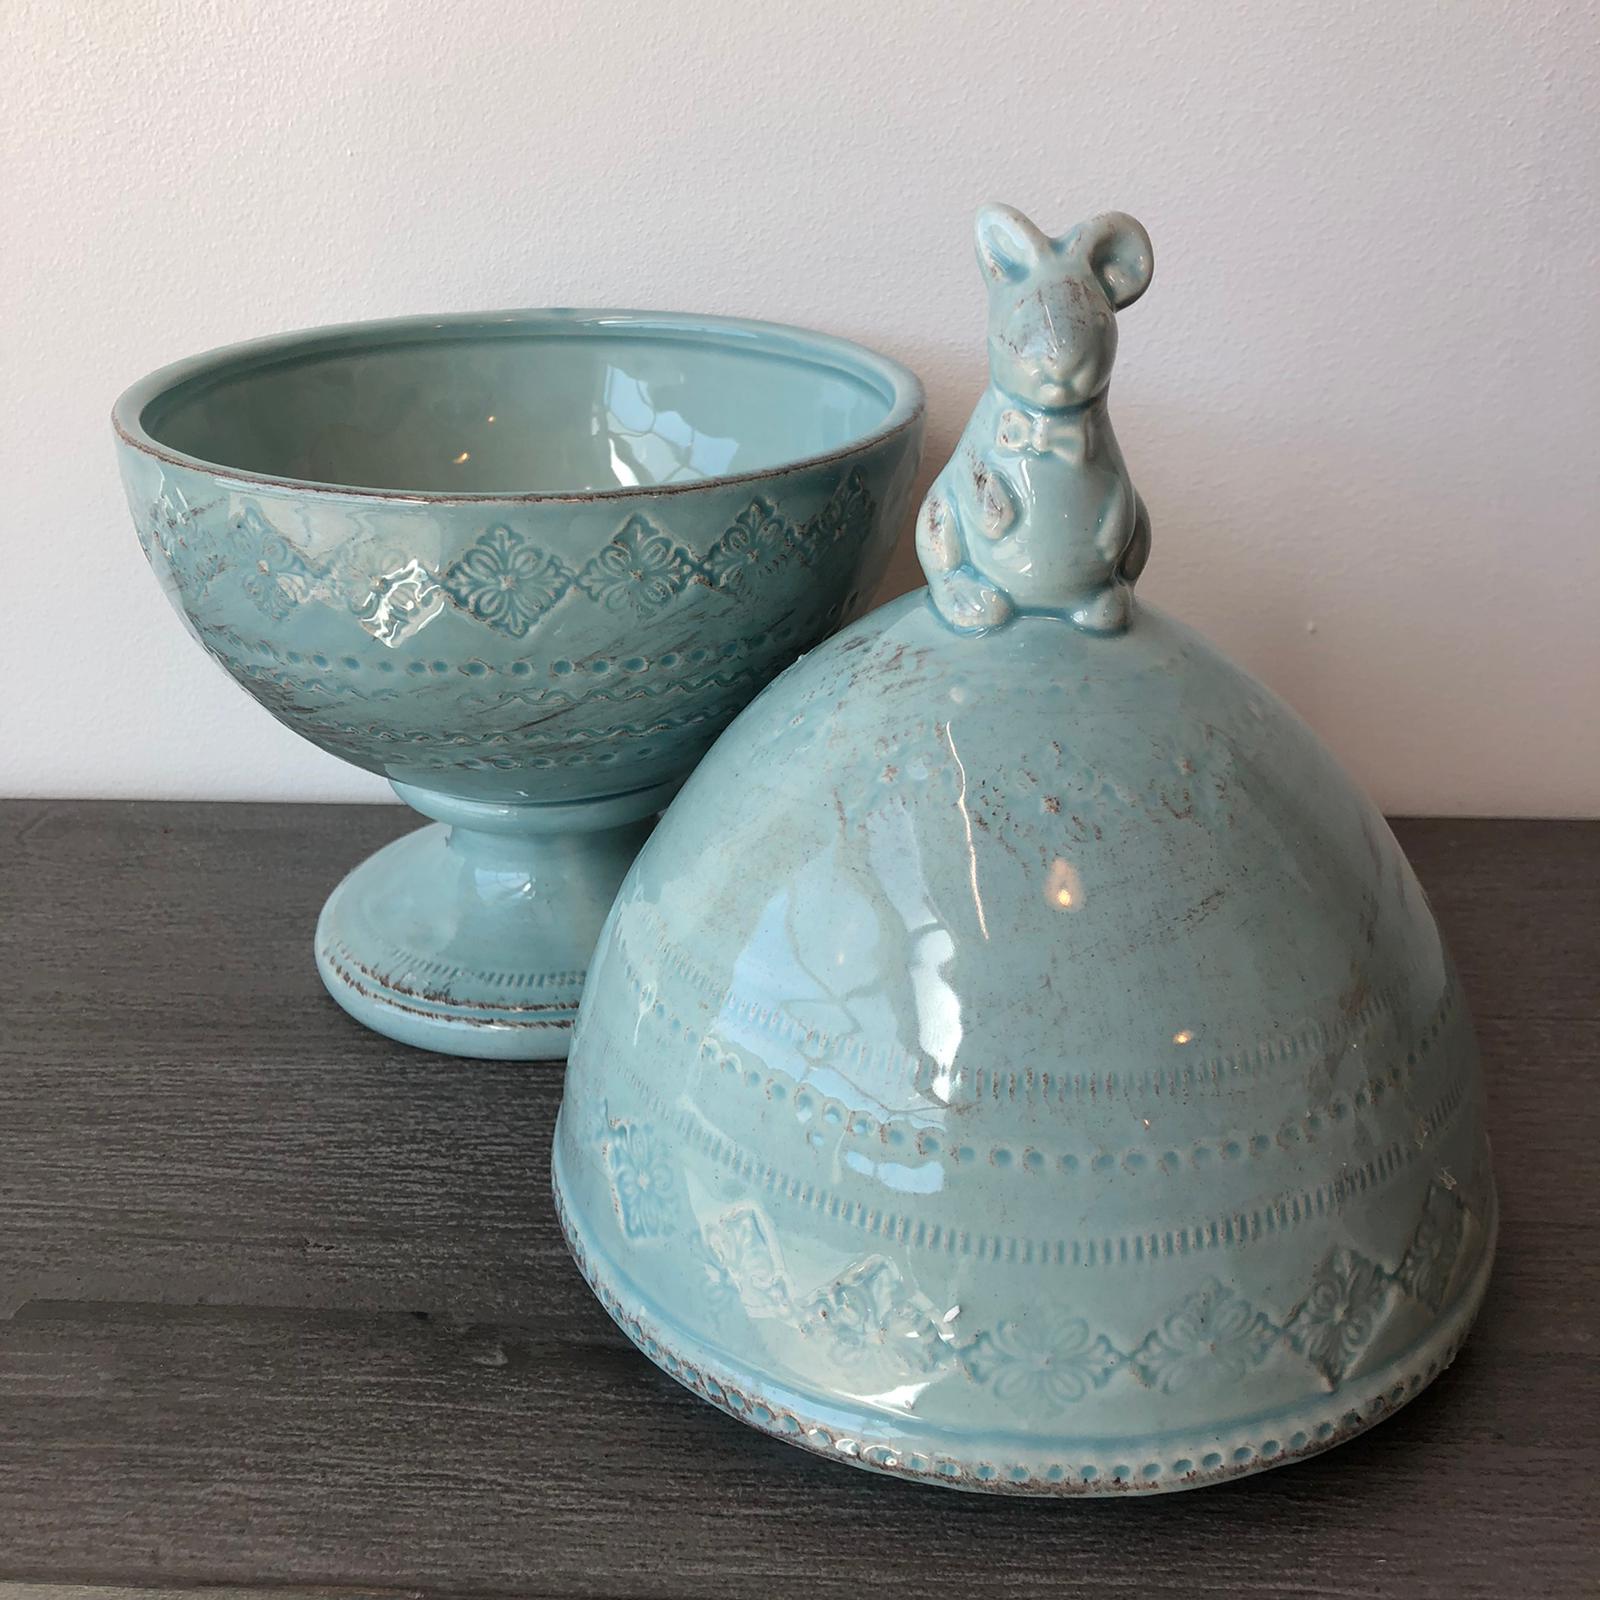 Scatola uovo in ceramica con coniglio – Turchese